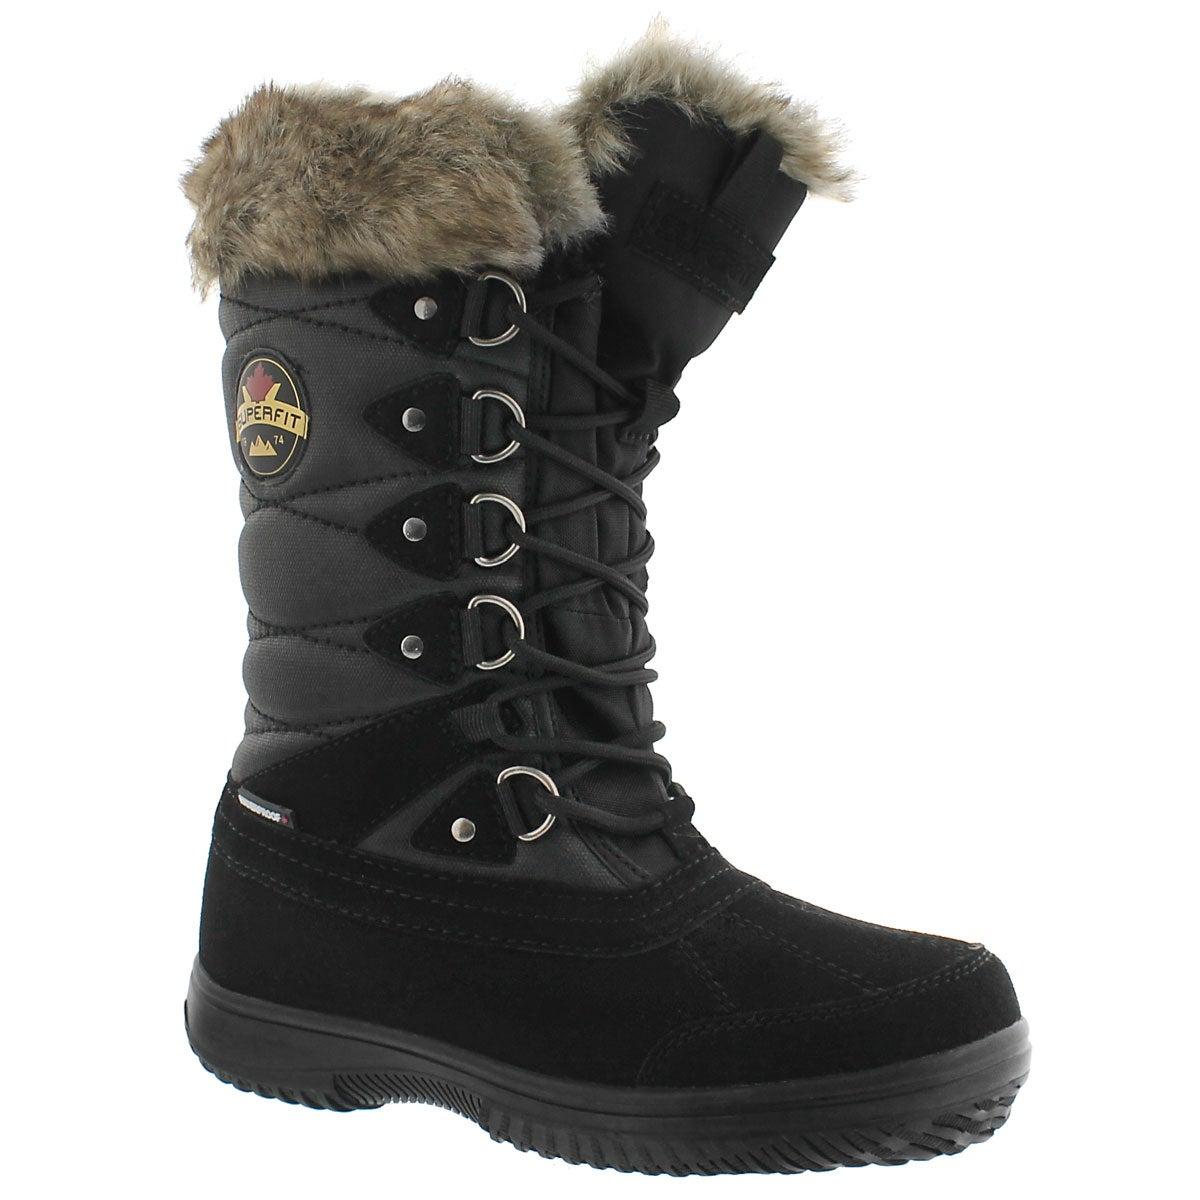 Xxx Snow Boots 65